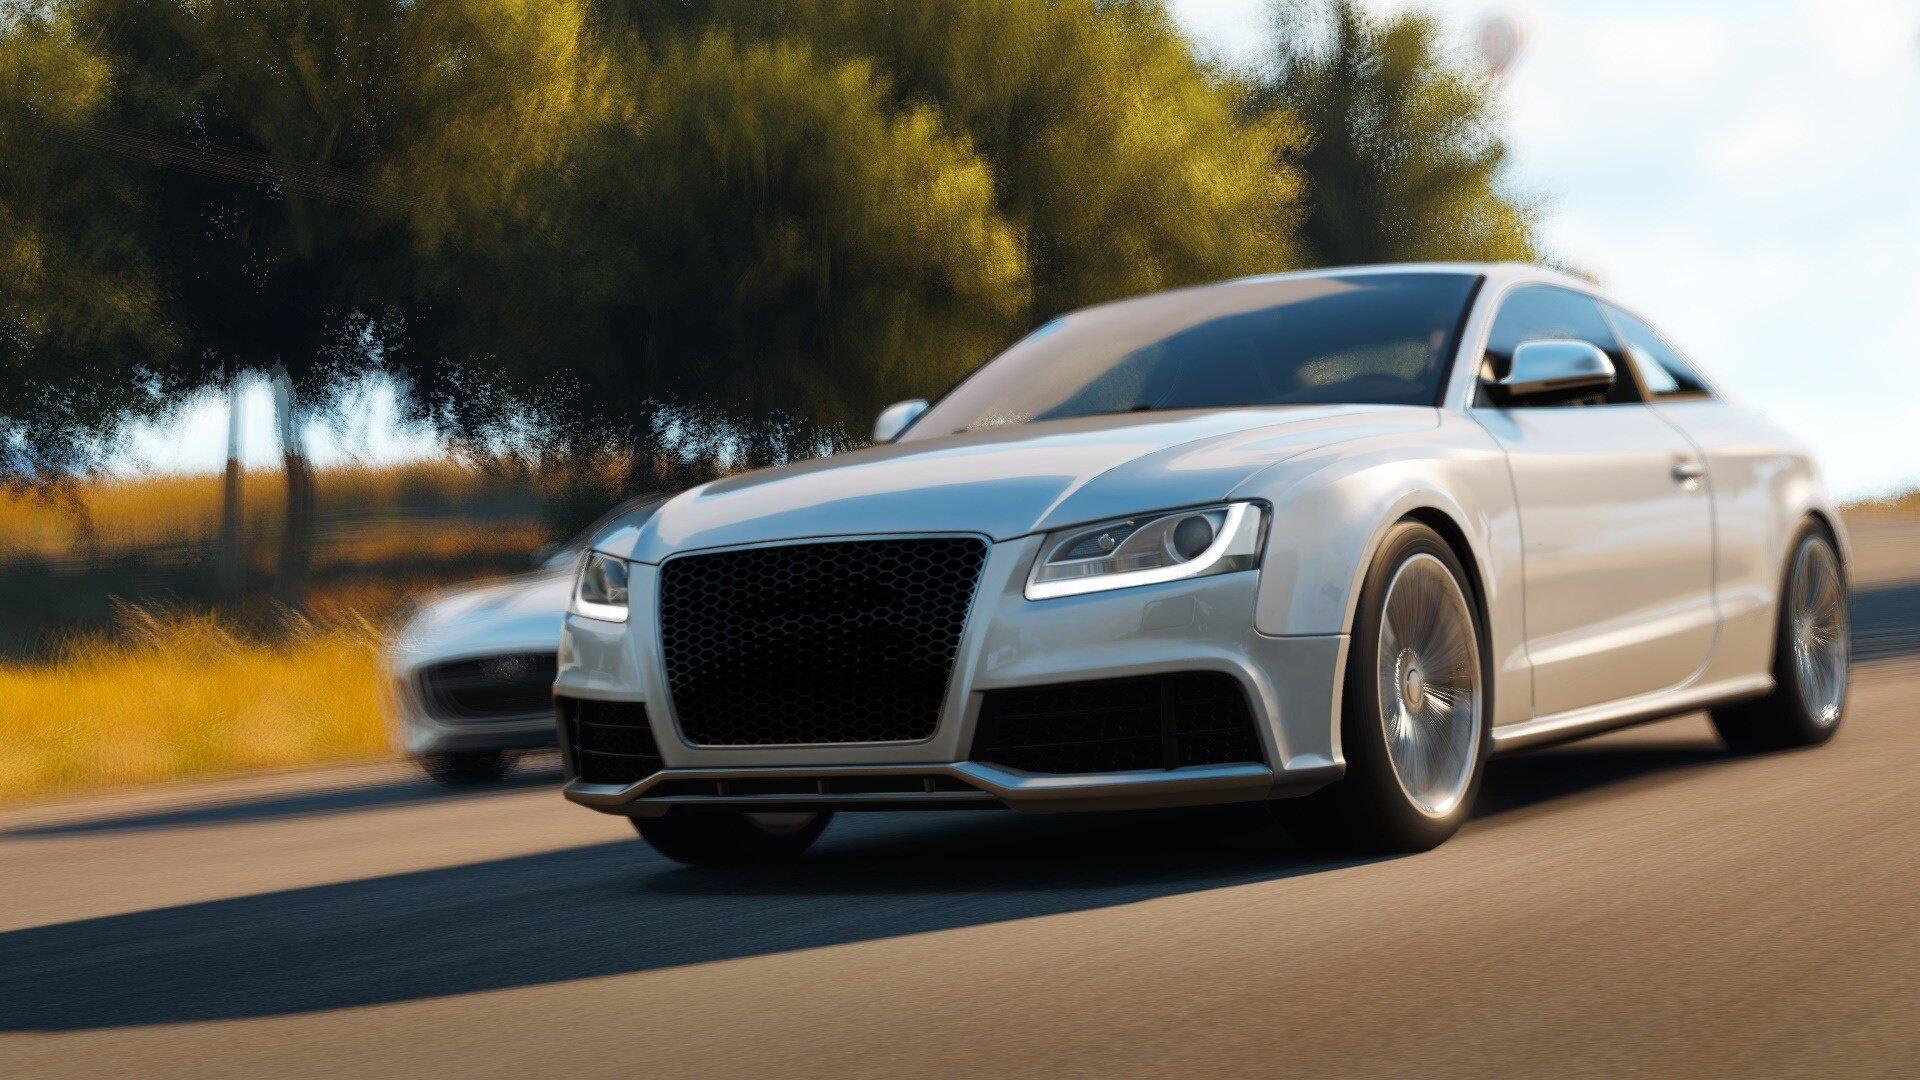 Zdjęcie przedstawia wysokiej klasy samochód wyprzedzający inny na drodze. Na fotografii wyprzedzający znajduje się bliżej aparatu ijest ukazany od dołu. Obraz poprzez zabiegi wizualne, takie jak rozmycie tła ikół auta akcentuje dużą szybkość obu pojazdów.